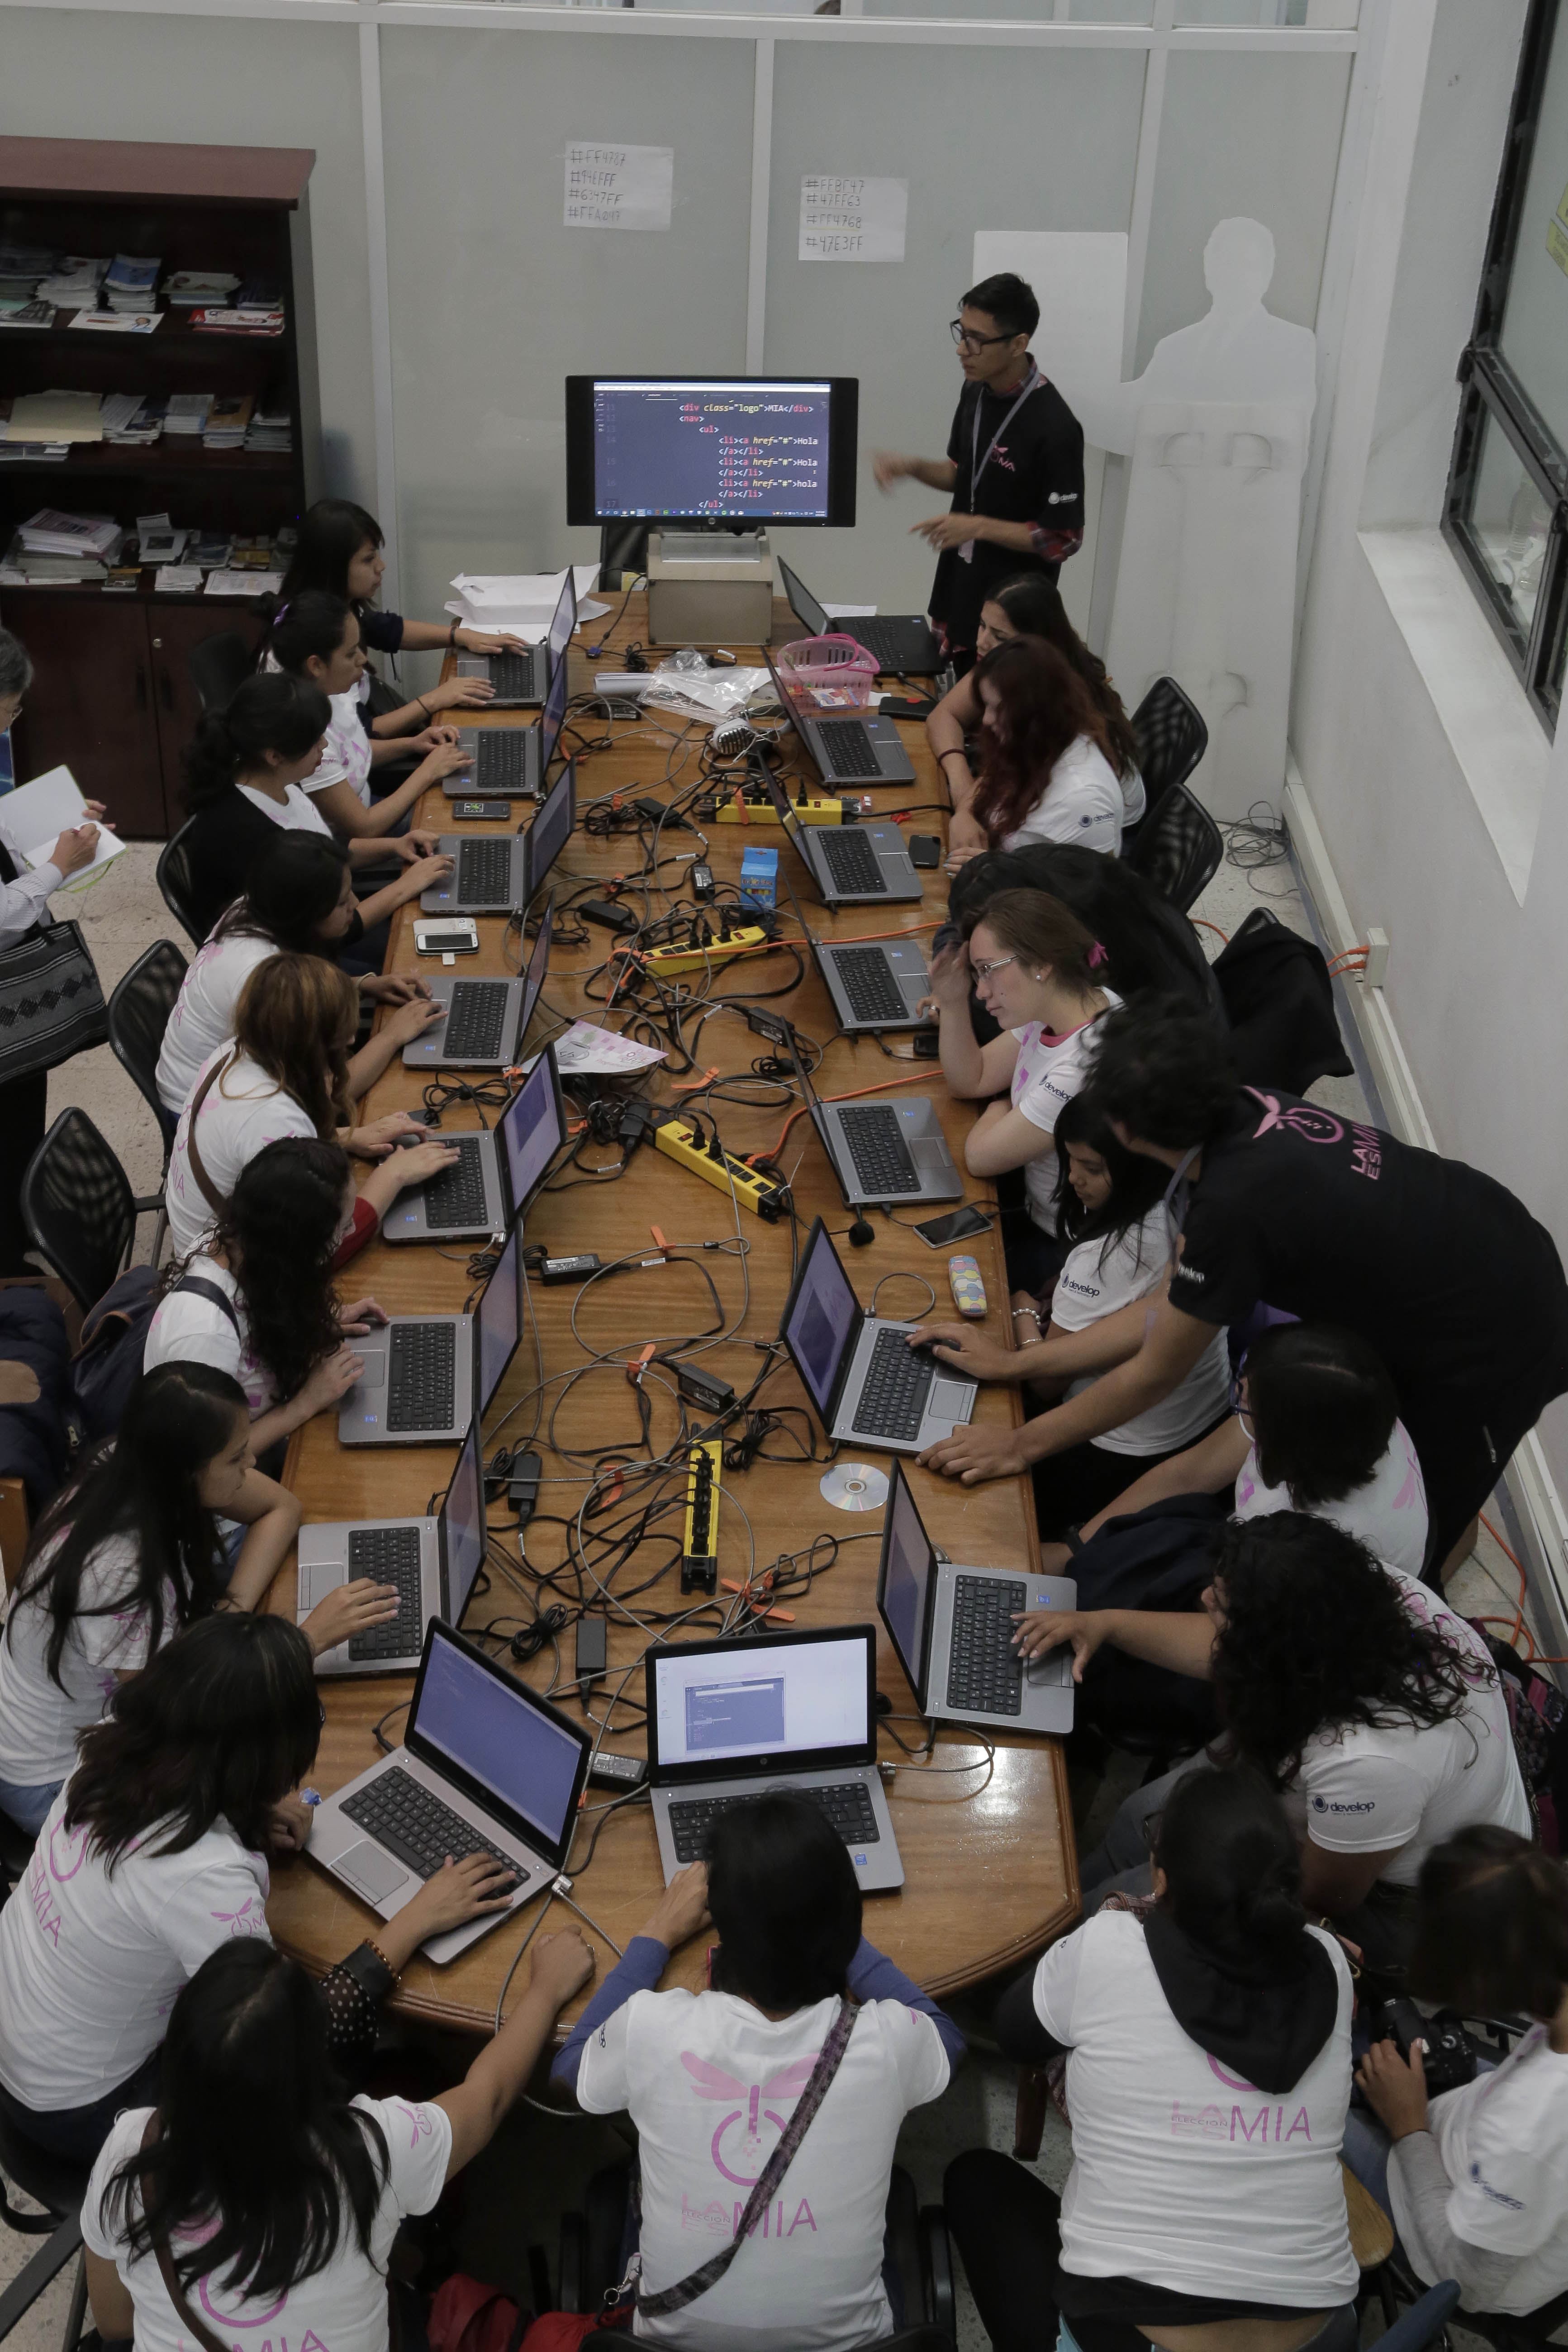 Se otorgarán hasta 275 becas a las y los jóvenes mexicanos de entre 18 y 29 años de edad, egresados de alguna universidad pública o privada en el país.